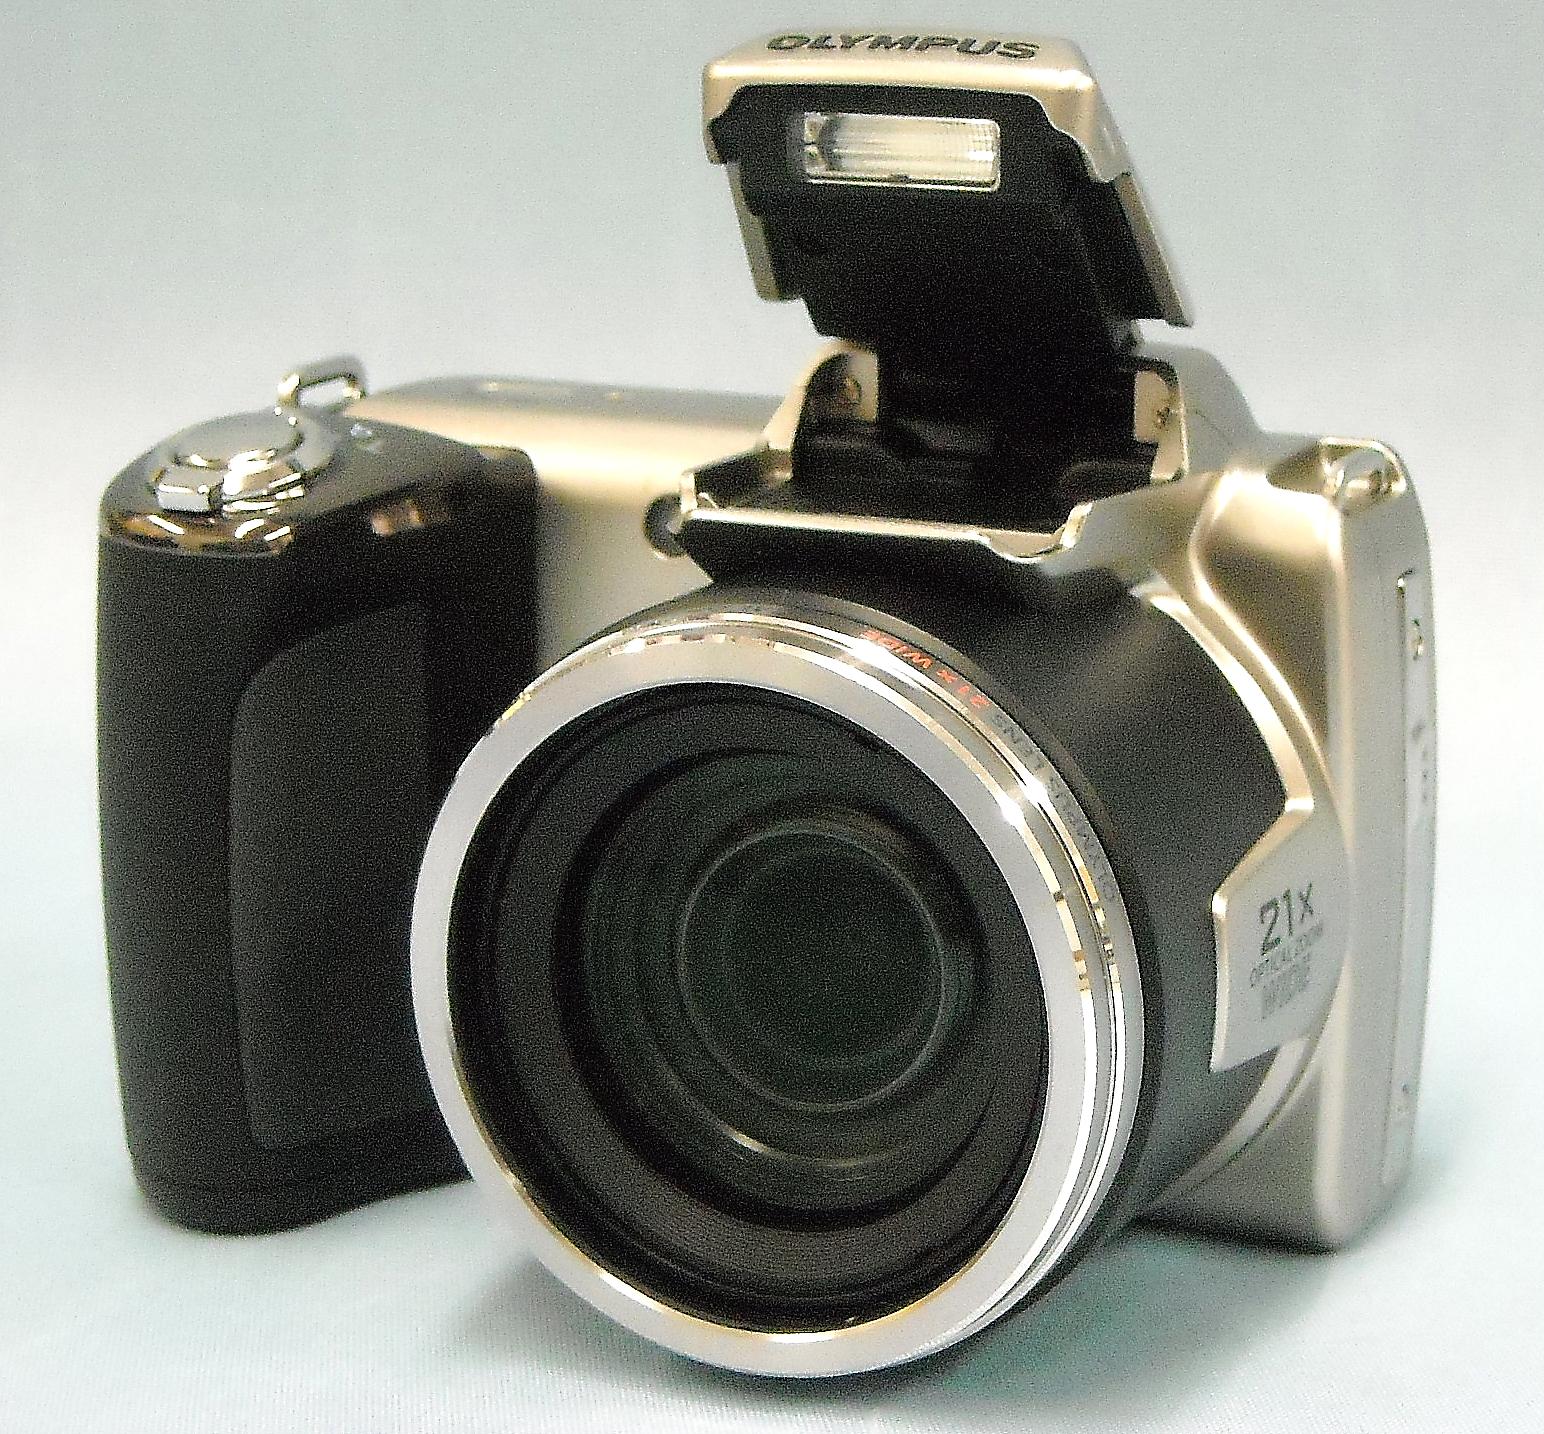 OLYMPUS デジタルカメラ SP-620UZ